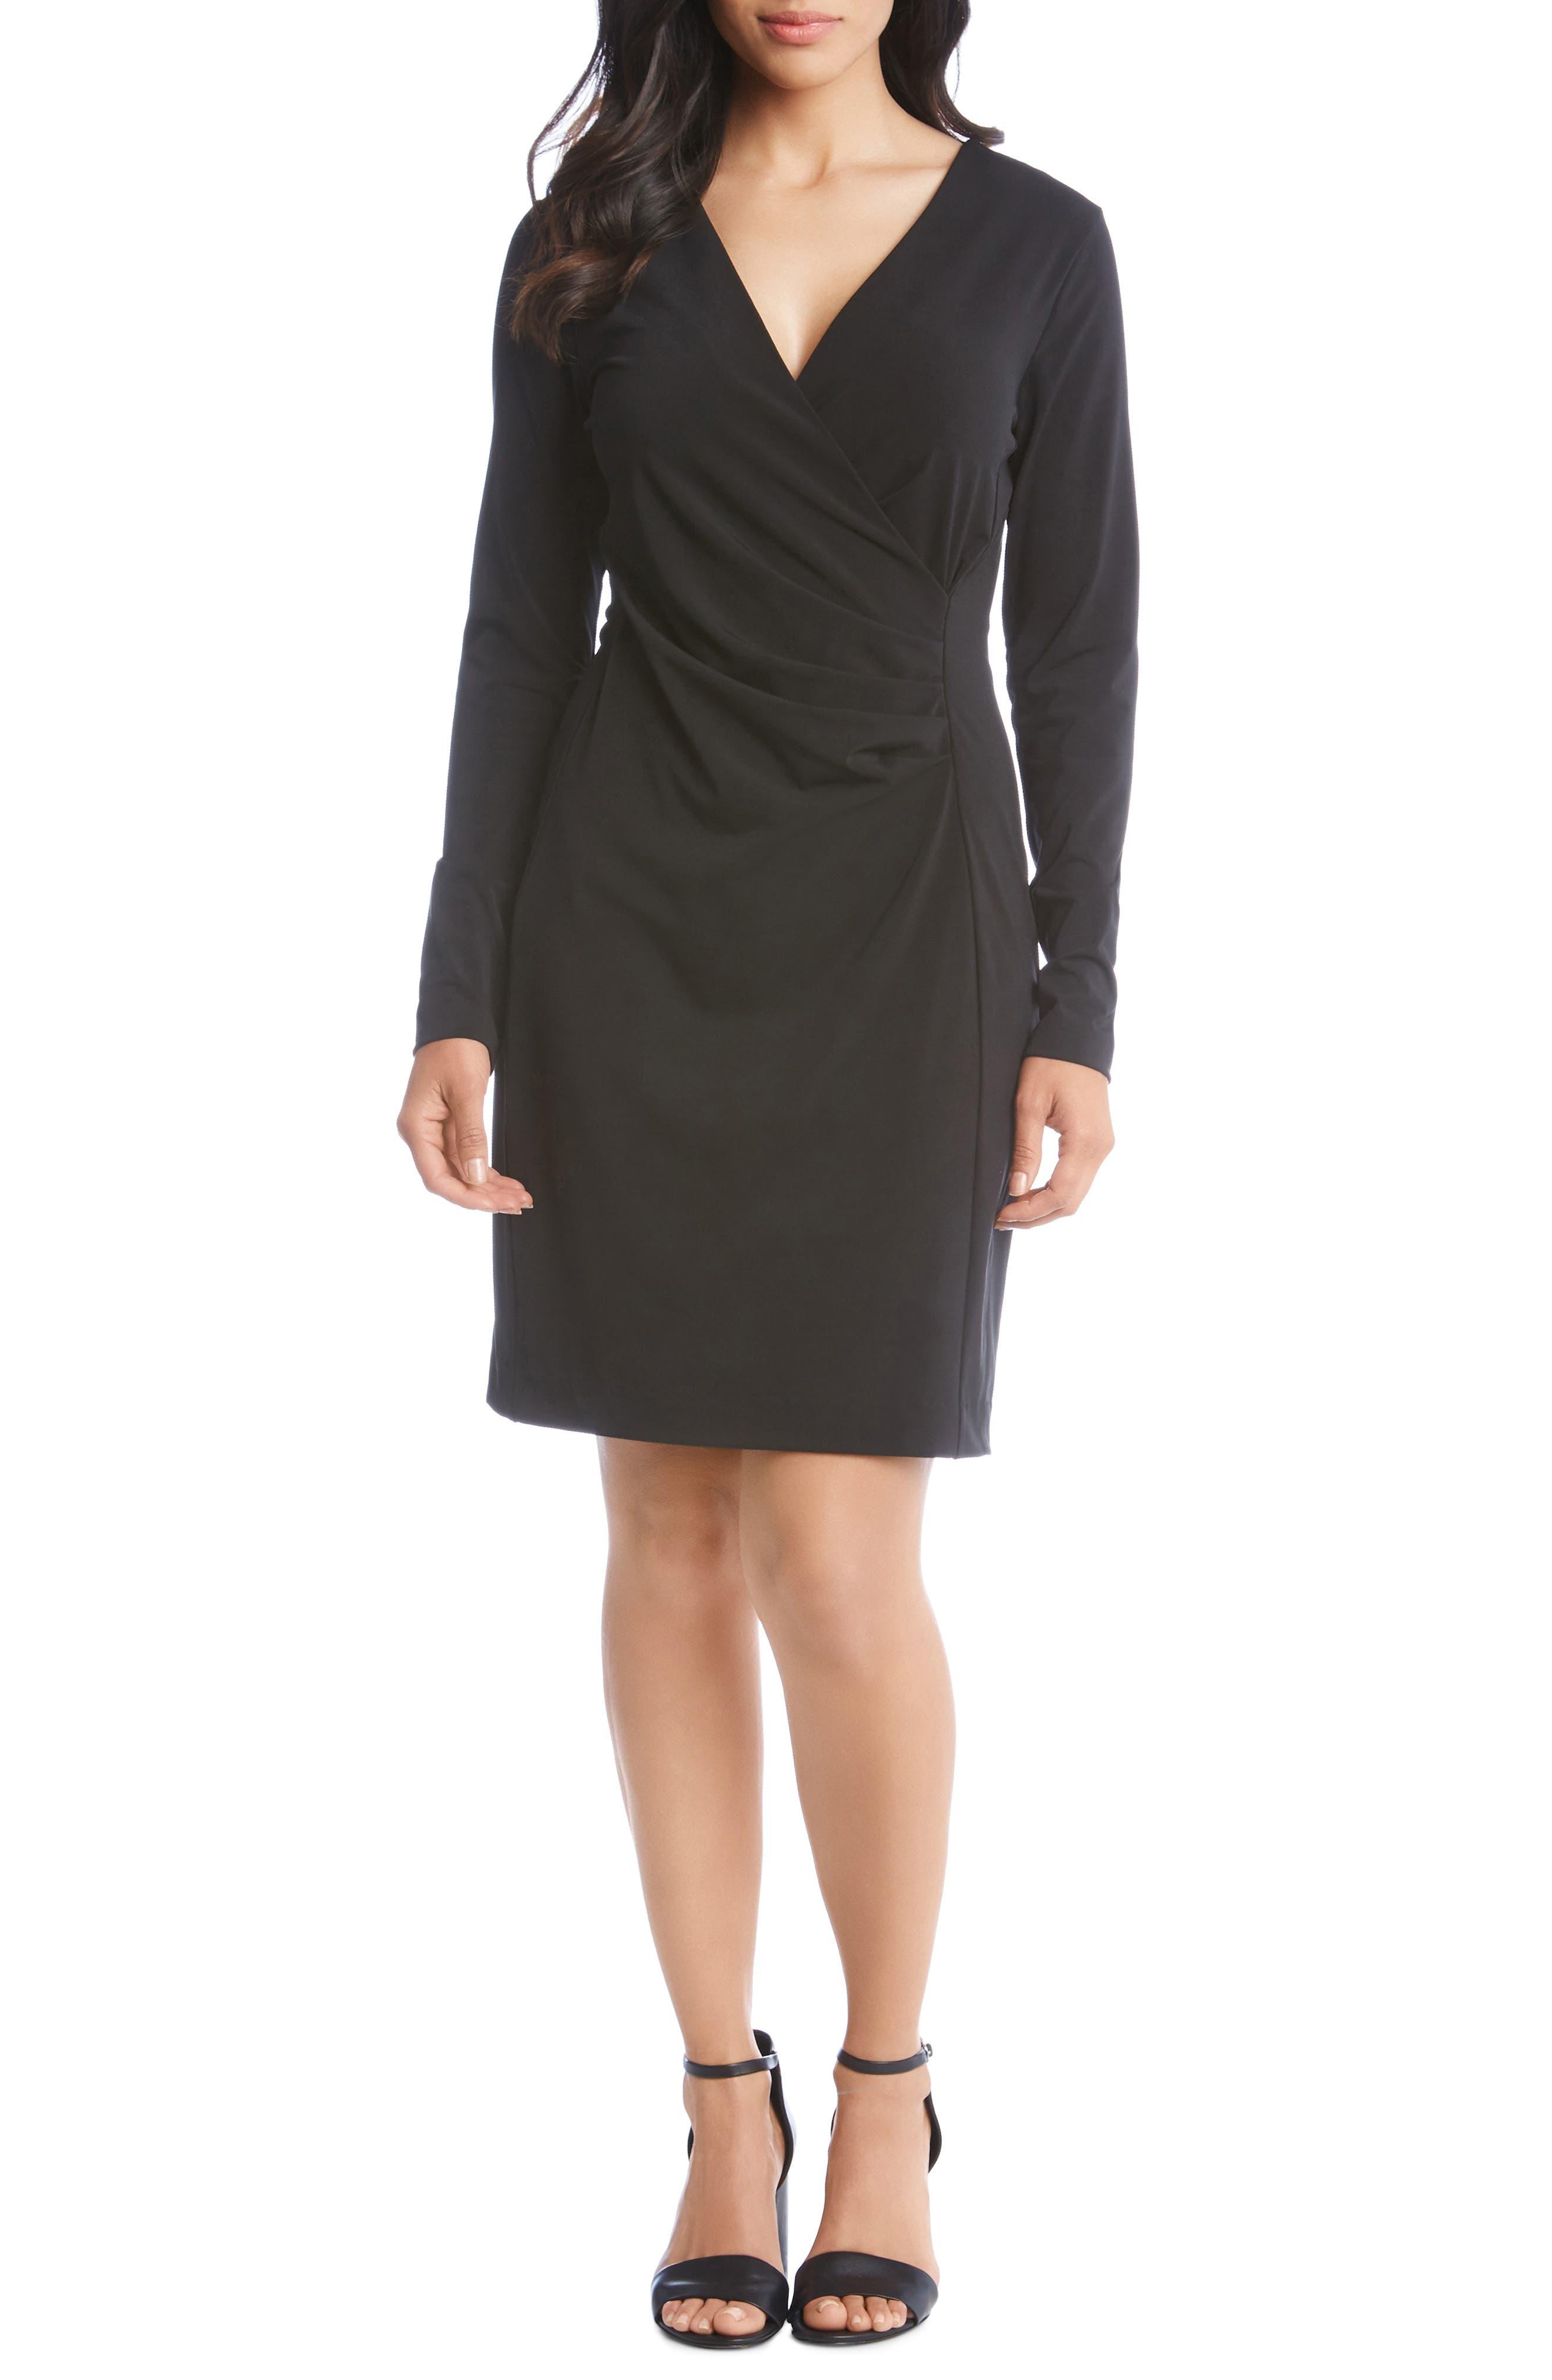 KAREN KANE, Faux Wrap Dress, Main thumbnail 1, color, BLACK